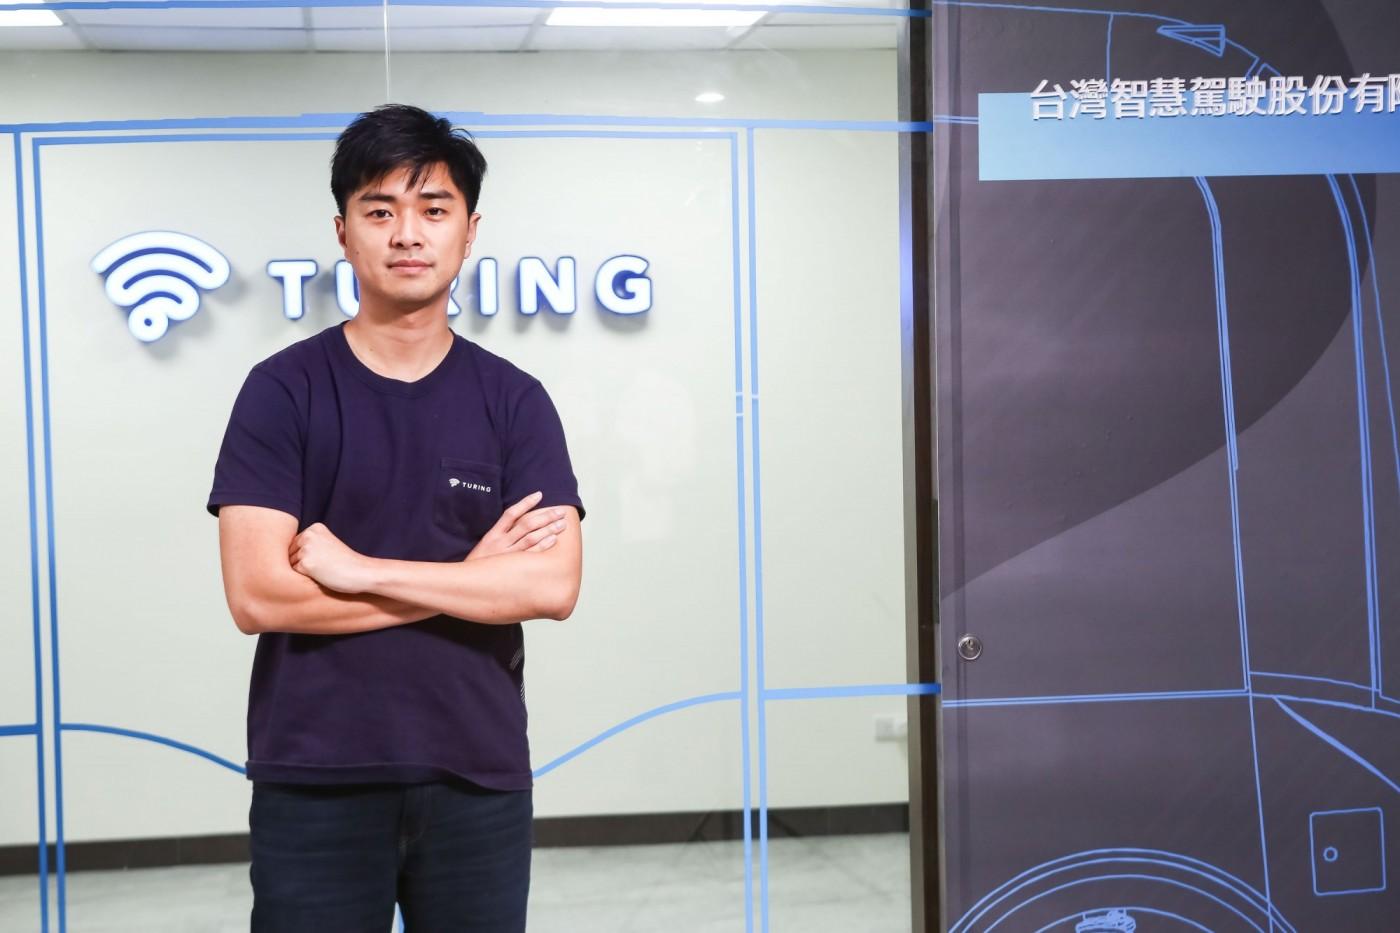 柯P無人巴士計劃的推手!平均30歲的AI新創,如何一圓MIT自駕車夢